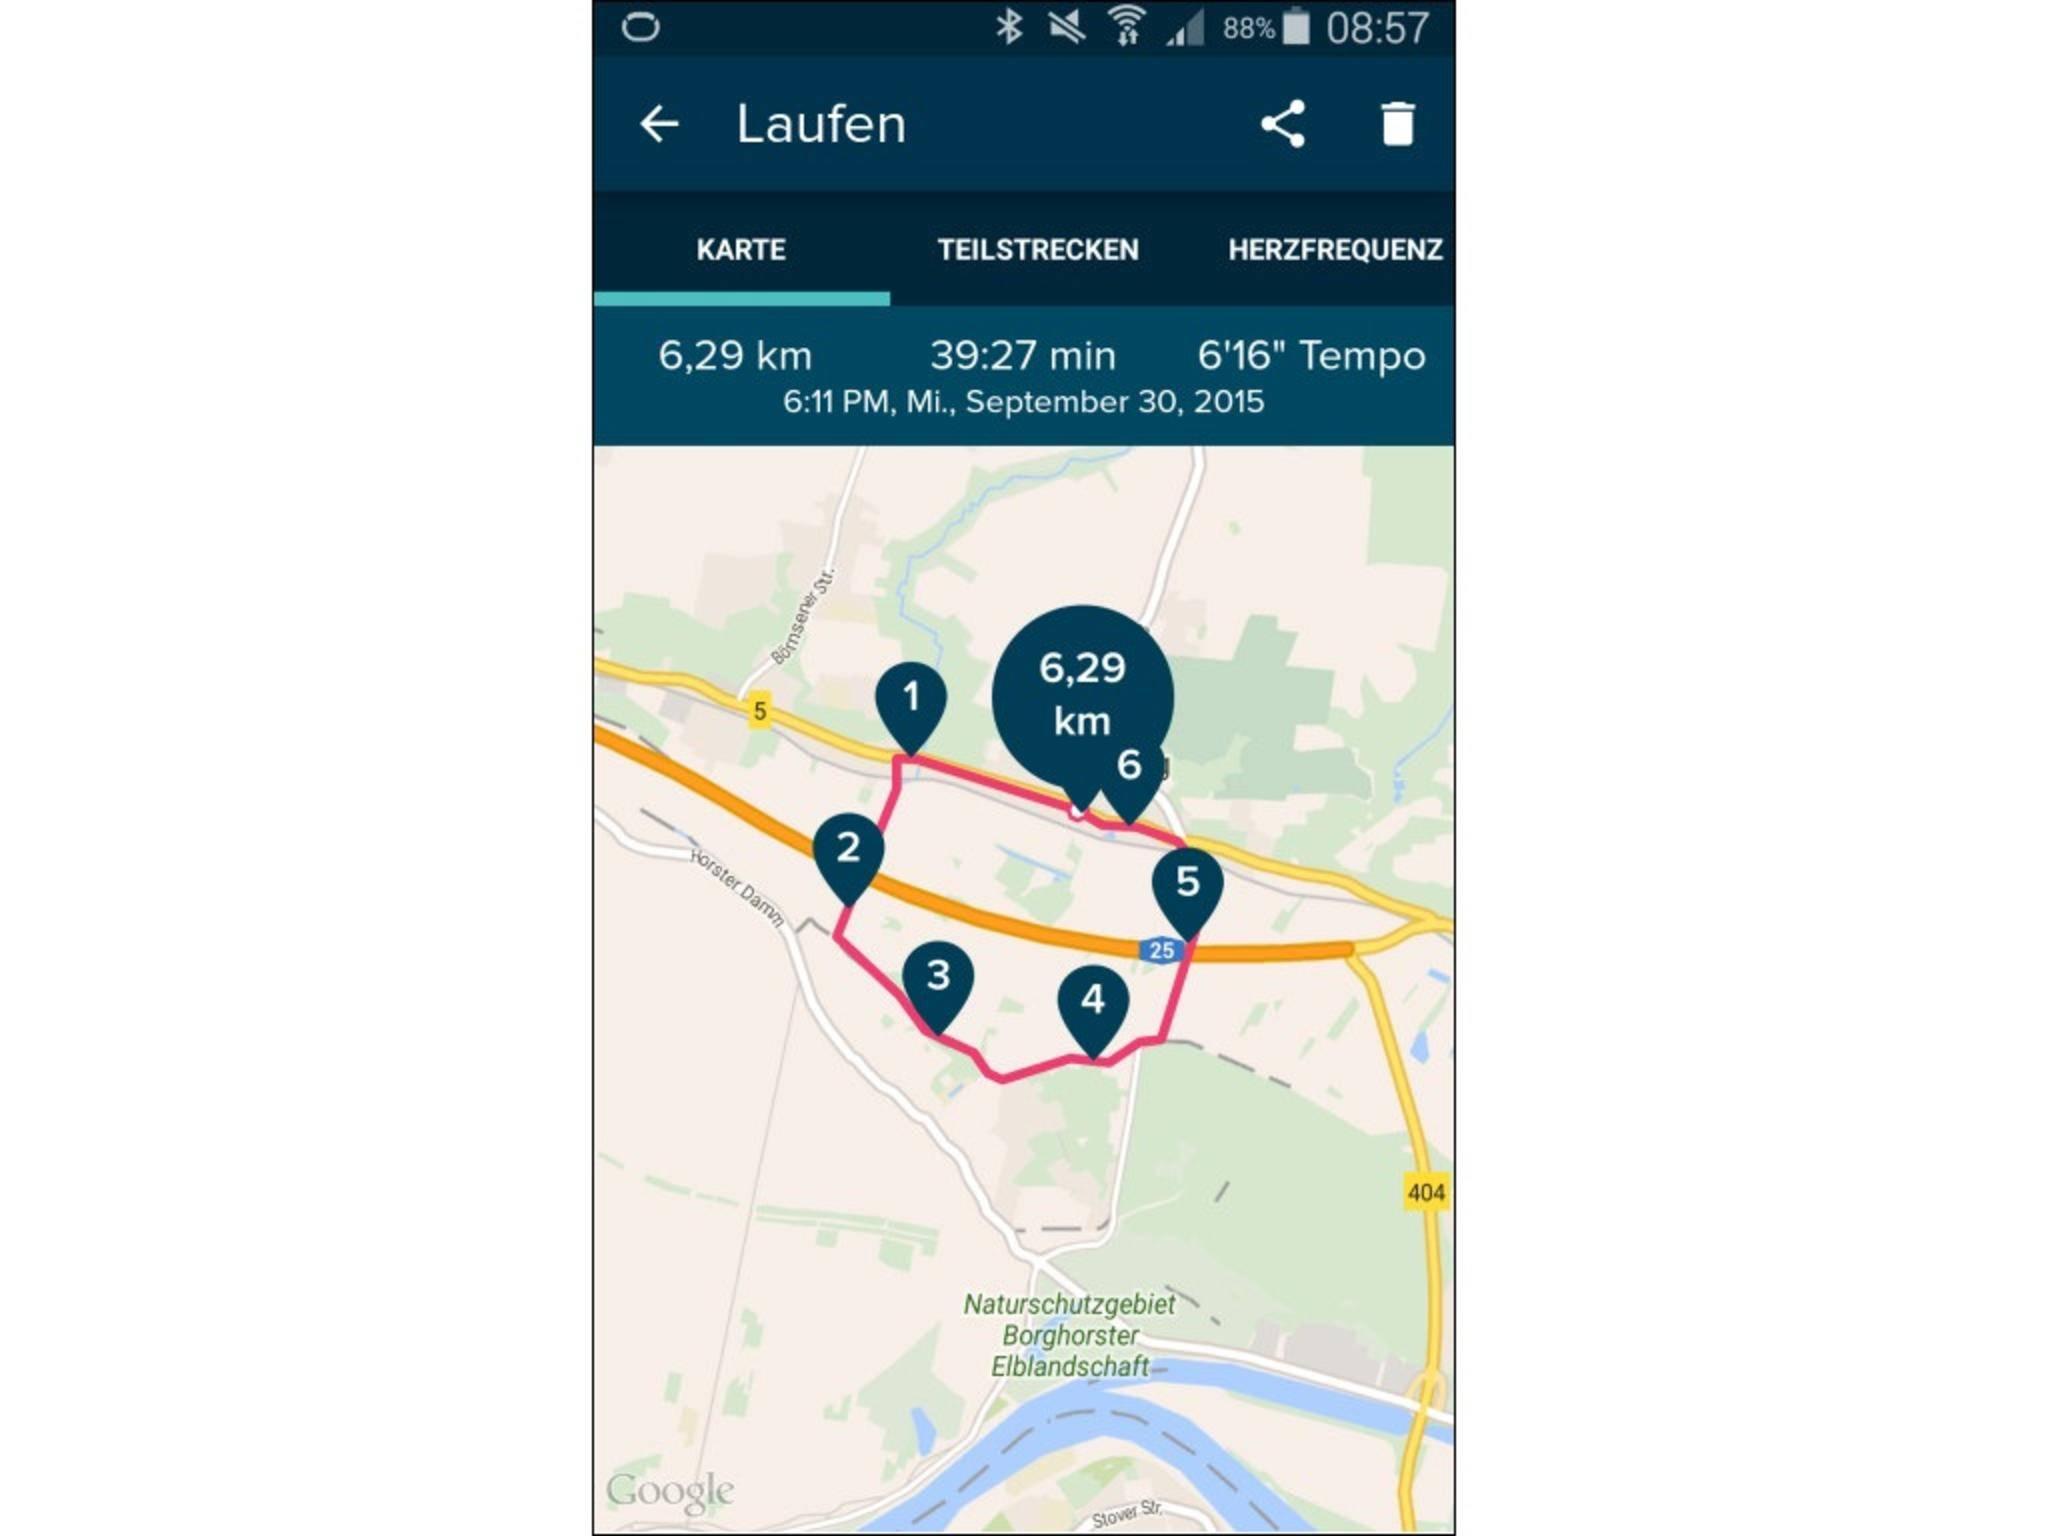 Per GPS loggt die Fitbit Surge die Laufstrecke mit, ...